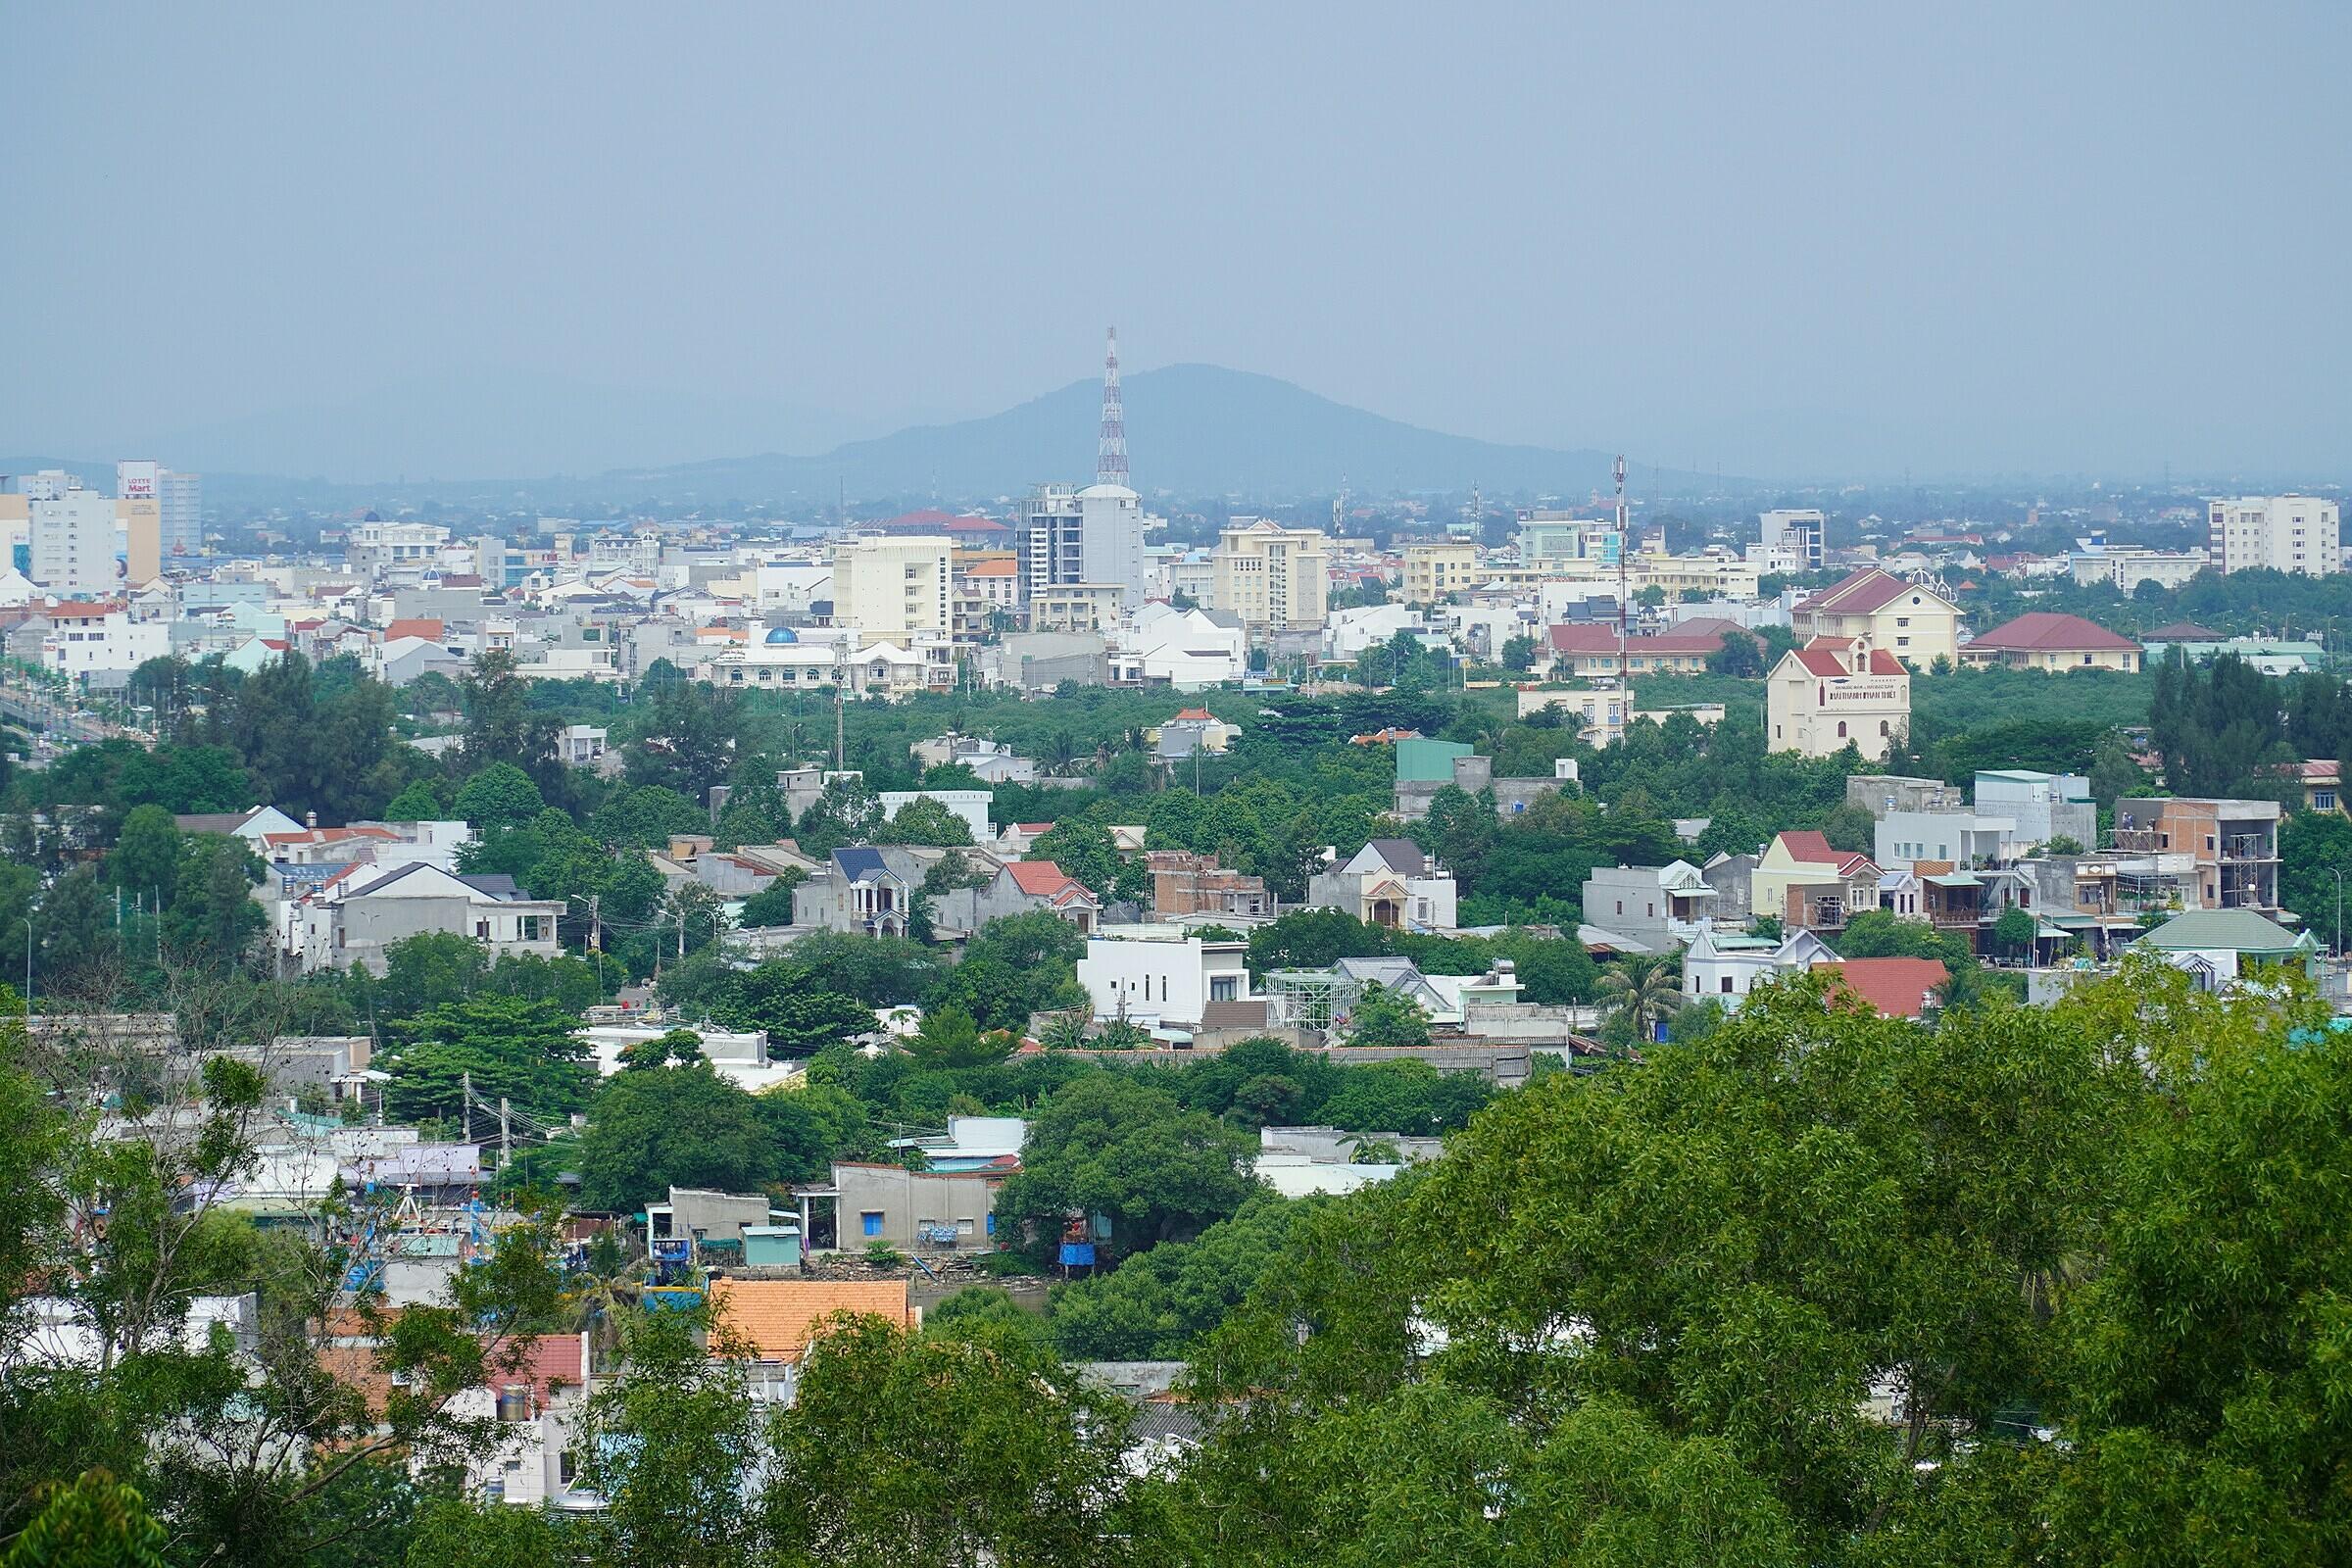 Toàn cảnh Phan Thiết nhìn từ đồi Bà Nài, phường Phú Hài. Ảnh: Việt Quốc